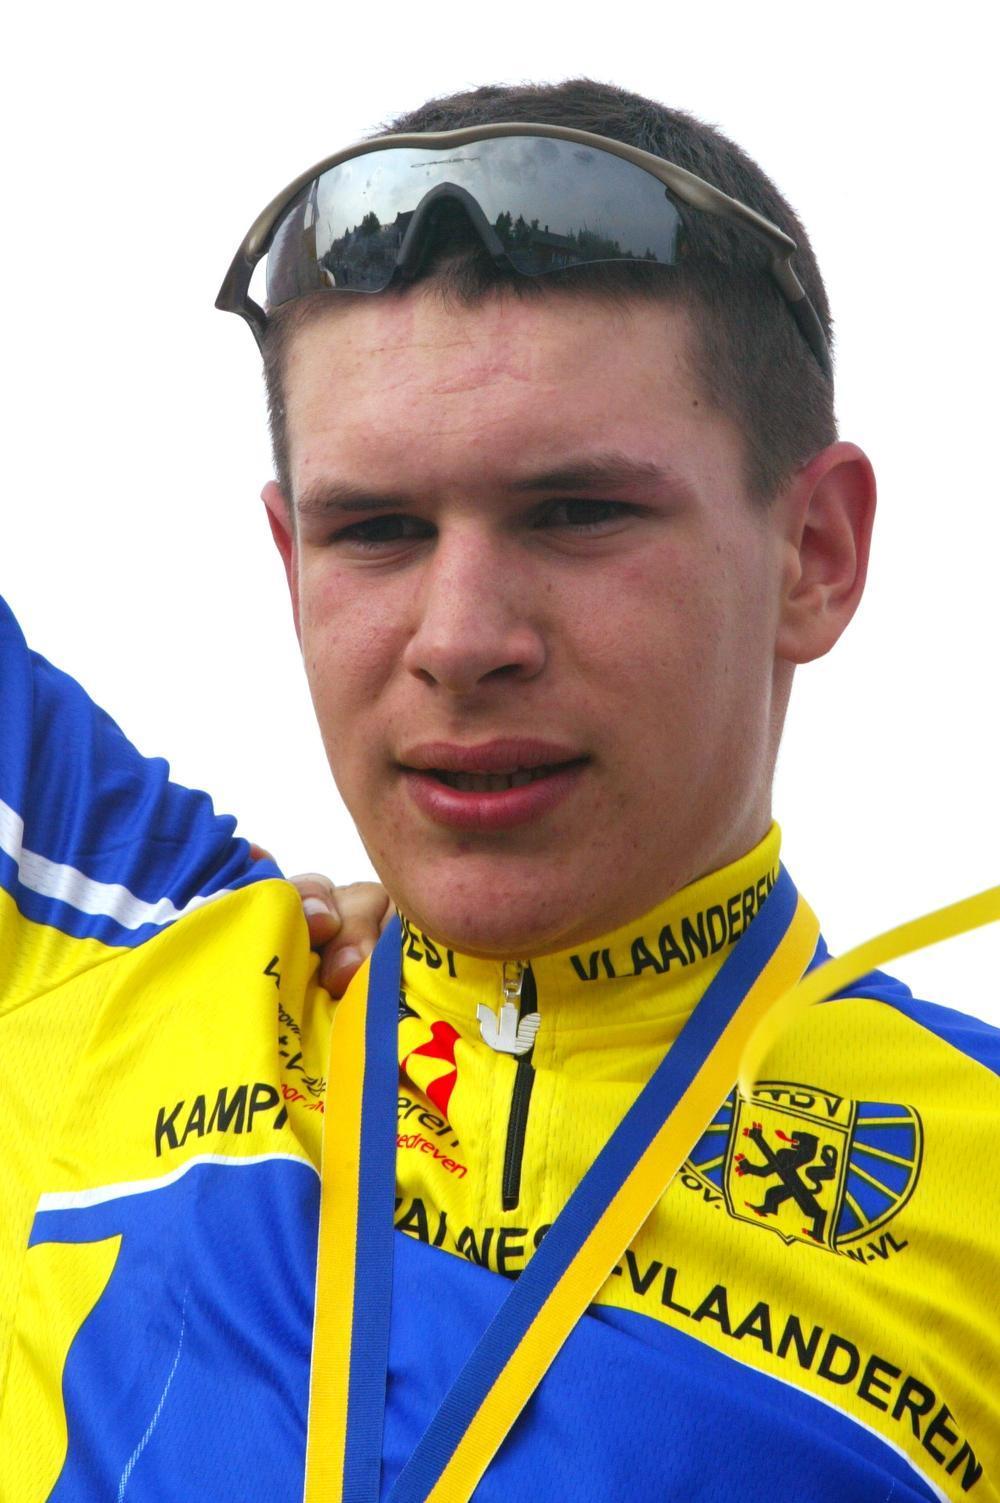 Thomas Chamon kroonde zich als jeugdrenner twee keer tot provinciaal kampioen op de weg: bij de nieuwelingen in Torhout-Wijnendale en bij de beloften in Wingene. (Foto's a-RN)